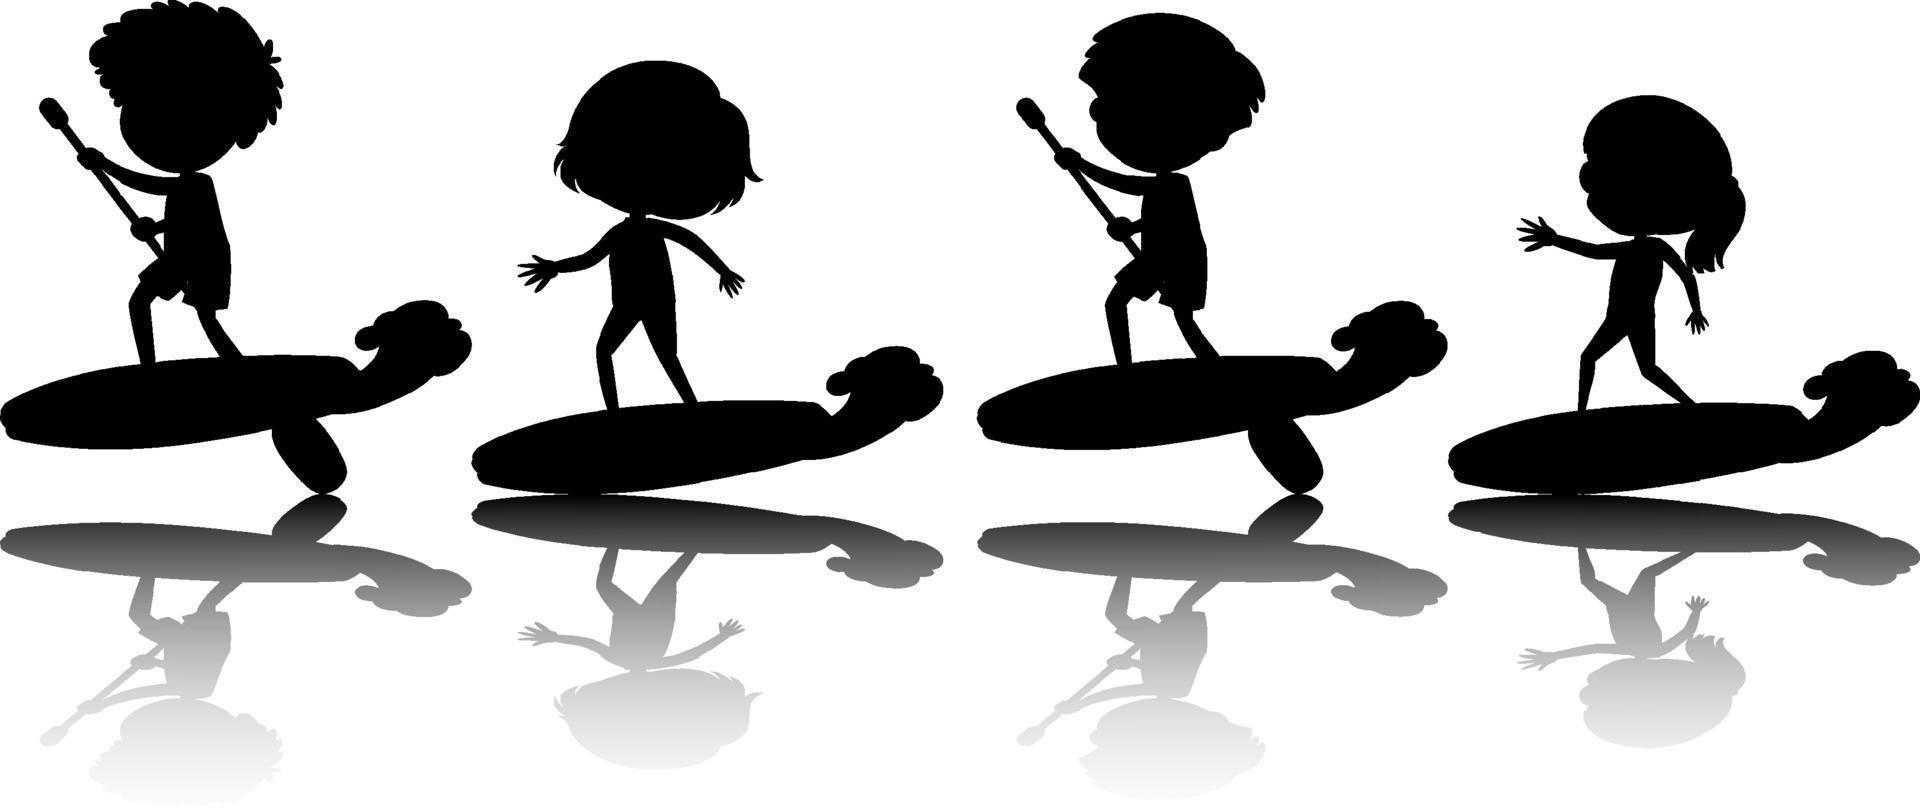 Satz verschiedene Kinder auf Surfbrett Silhouette vektor